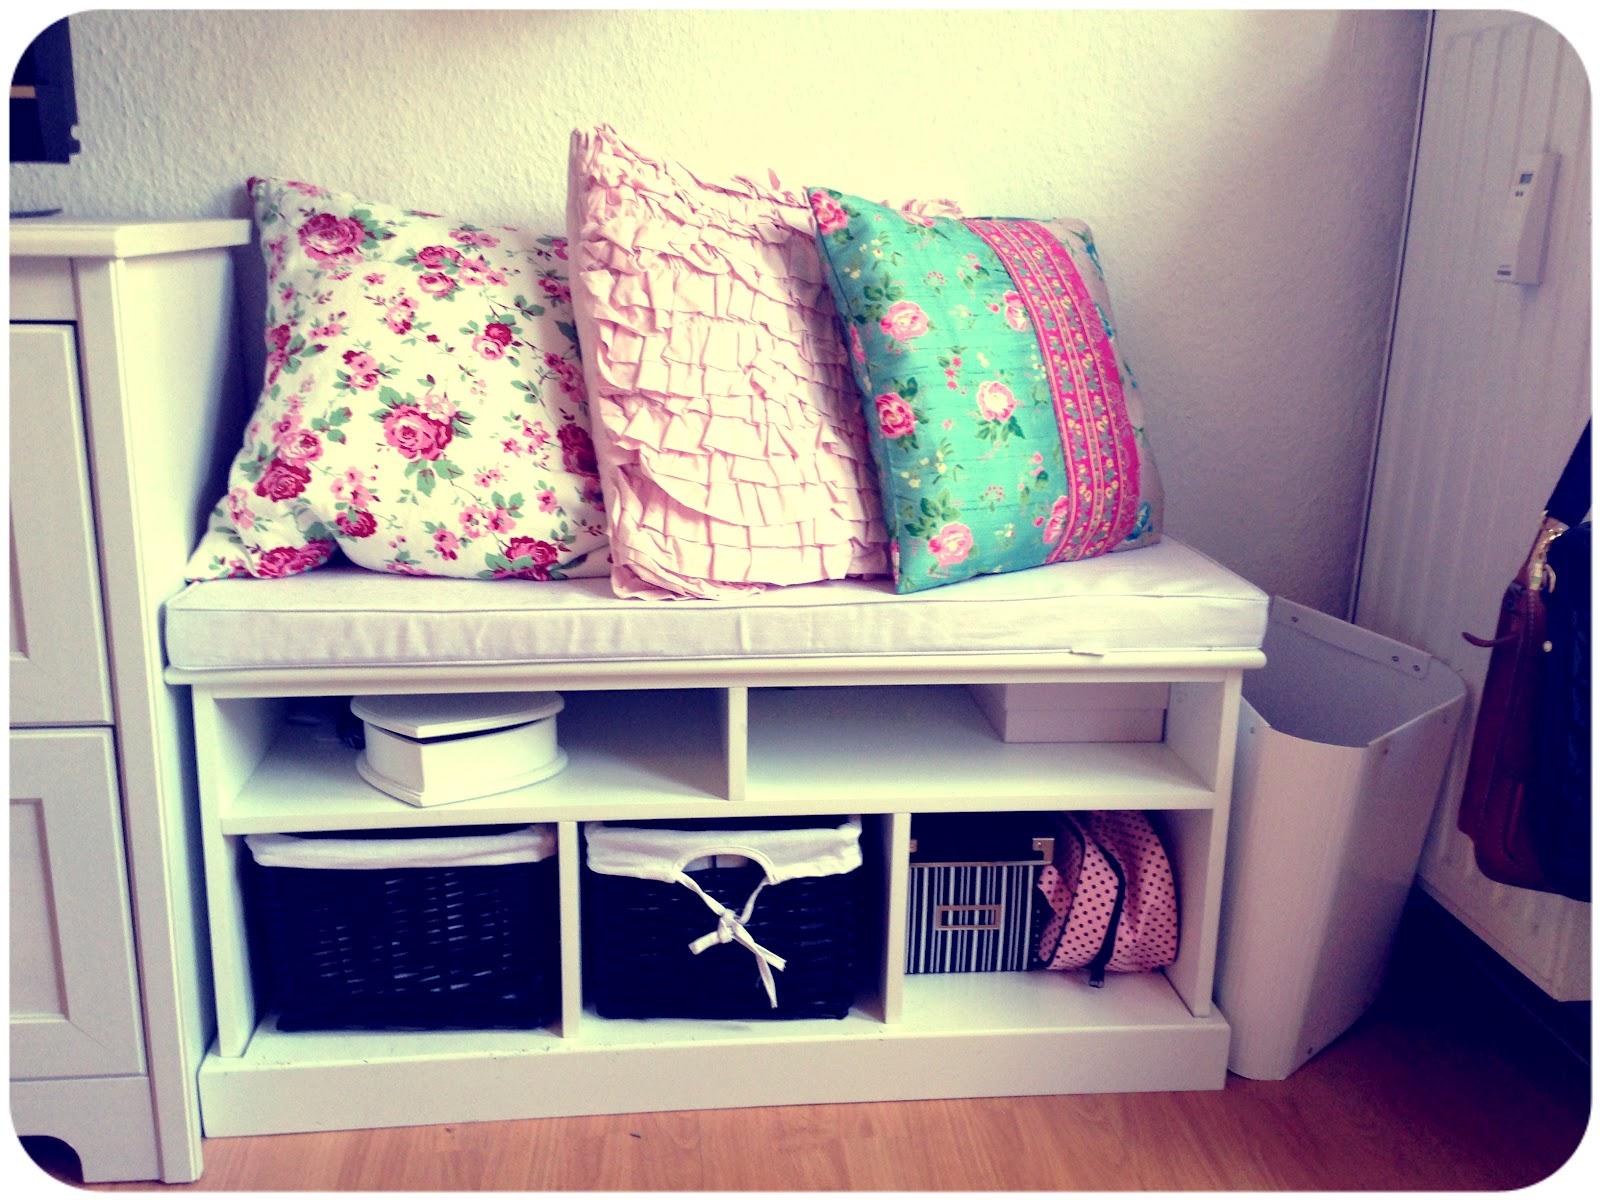 traumfunke schlafzimmer 2 0. Black Bedroom Furniture Sets. Home Design Ideas